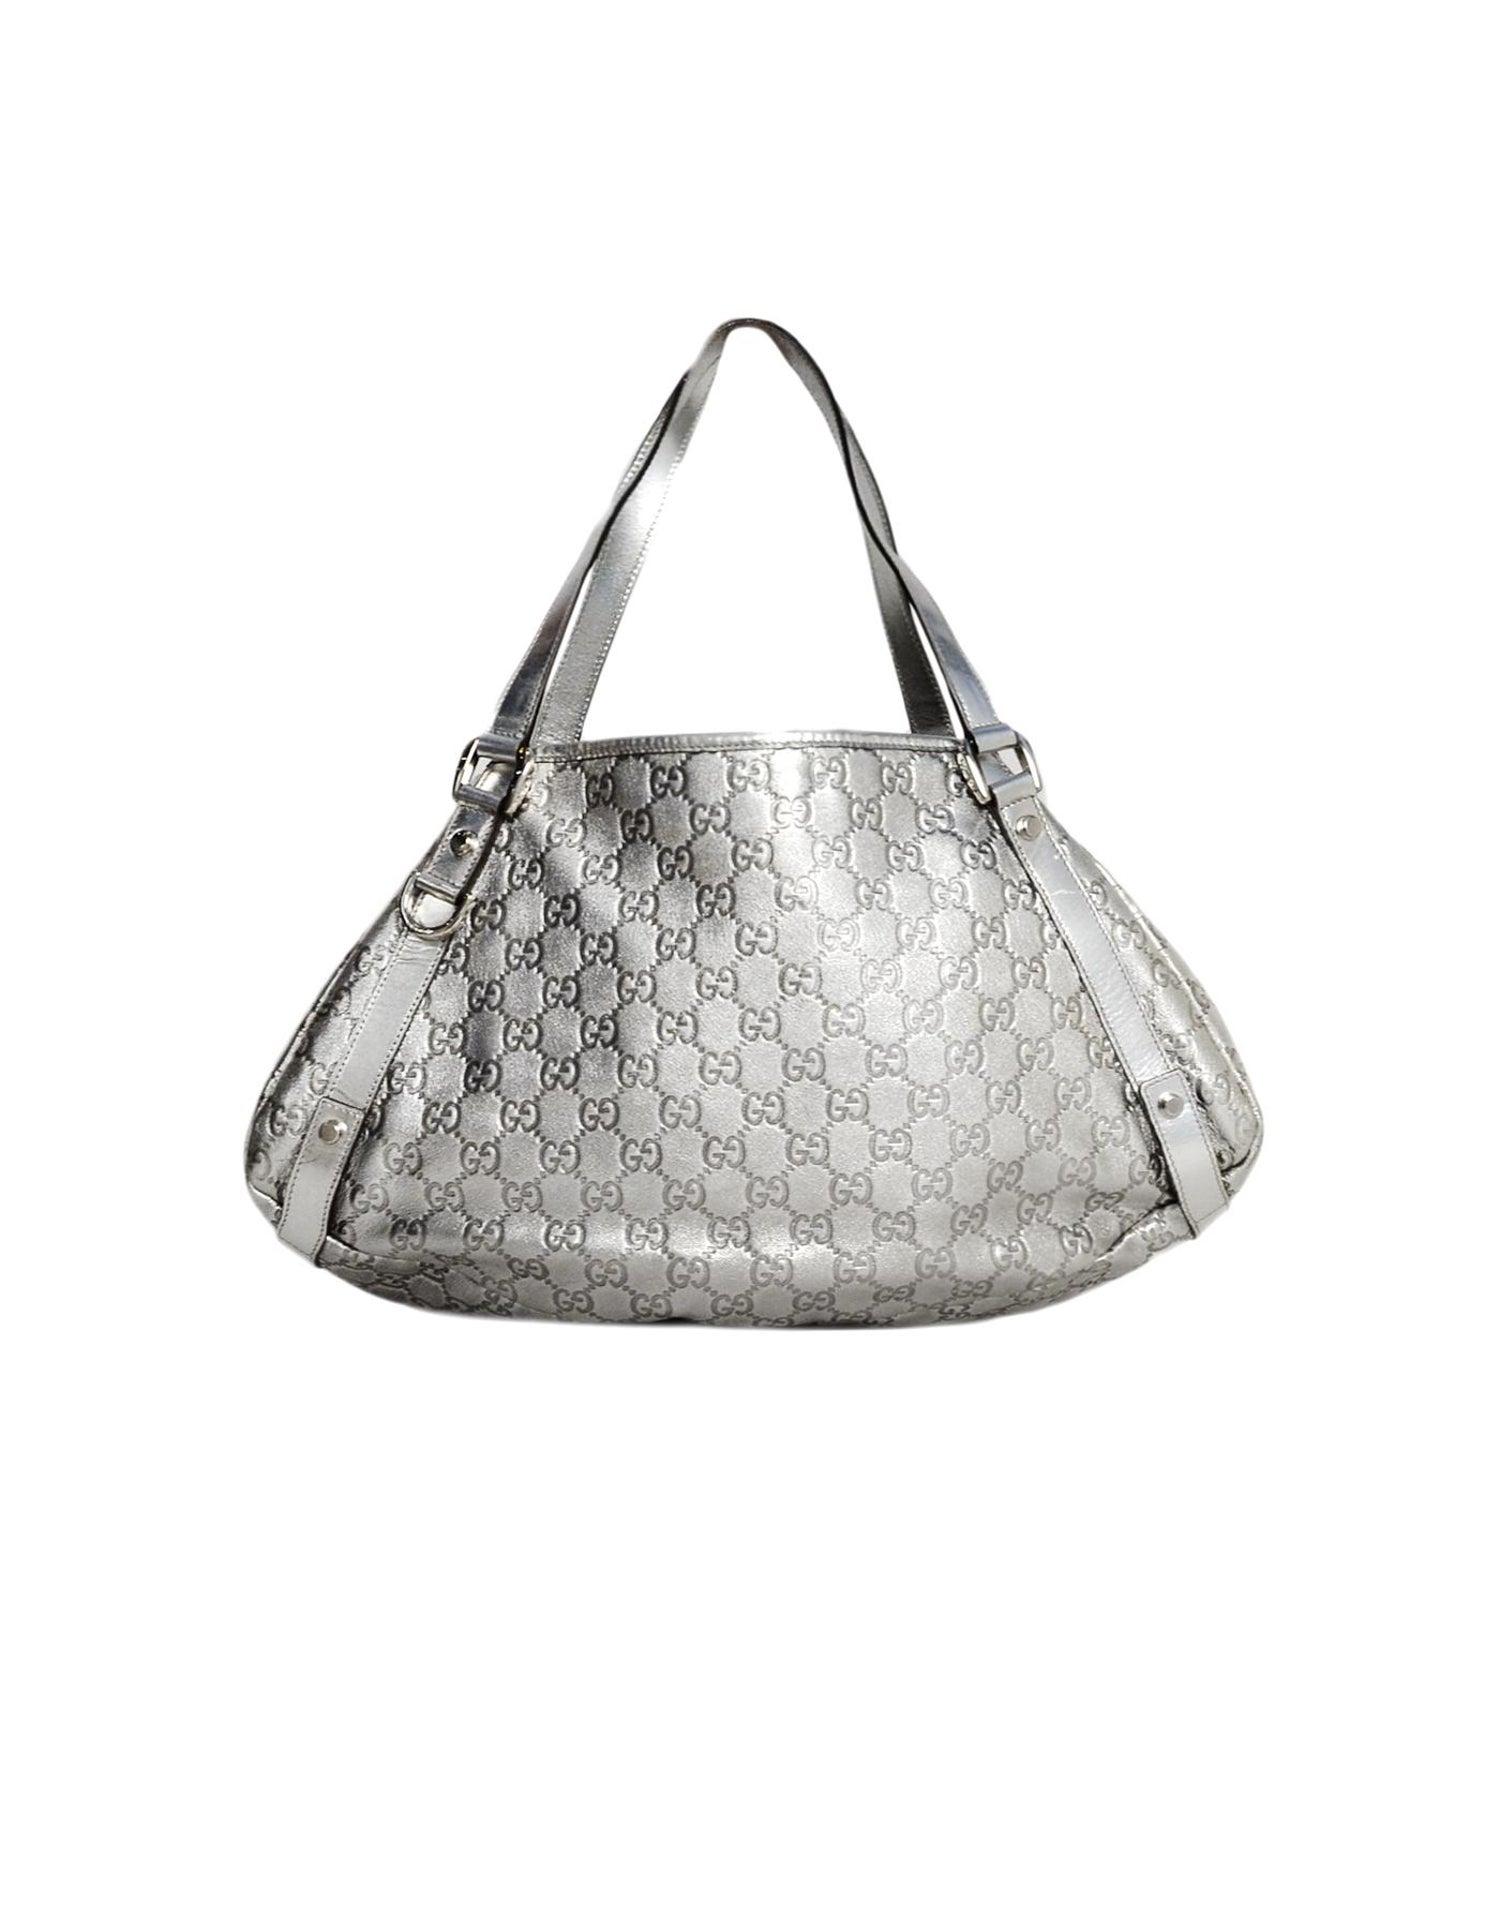 0f3d400584879d Gucci Silver Metallic Handbag - Foto Handbag All Collections ...